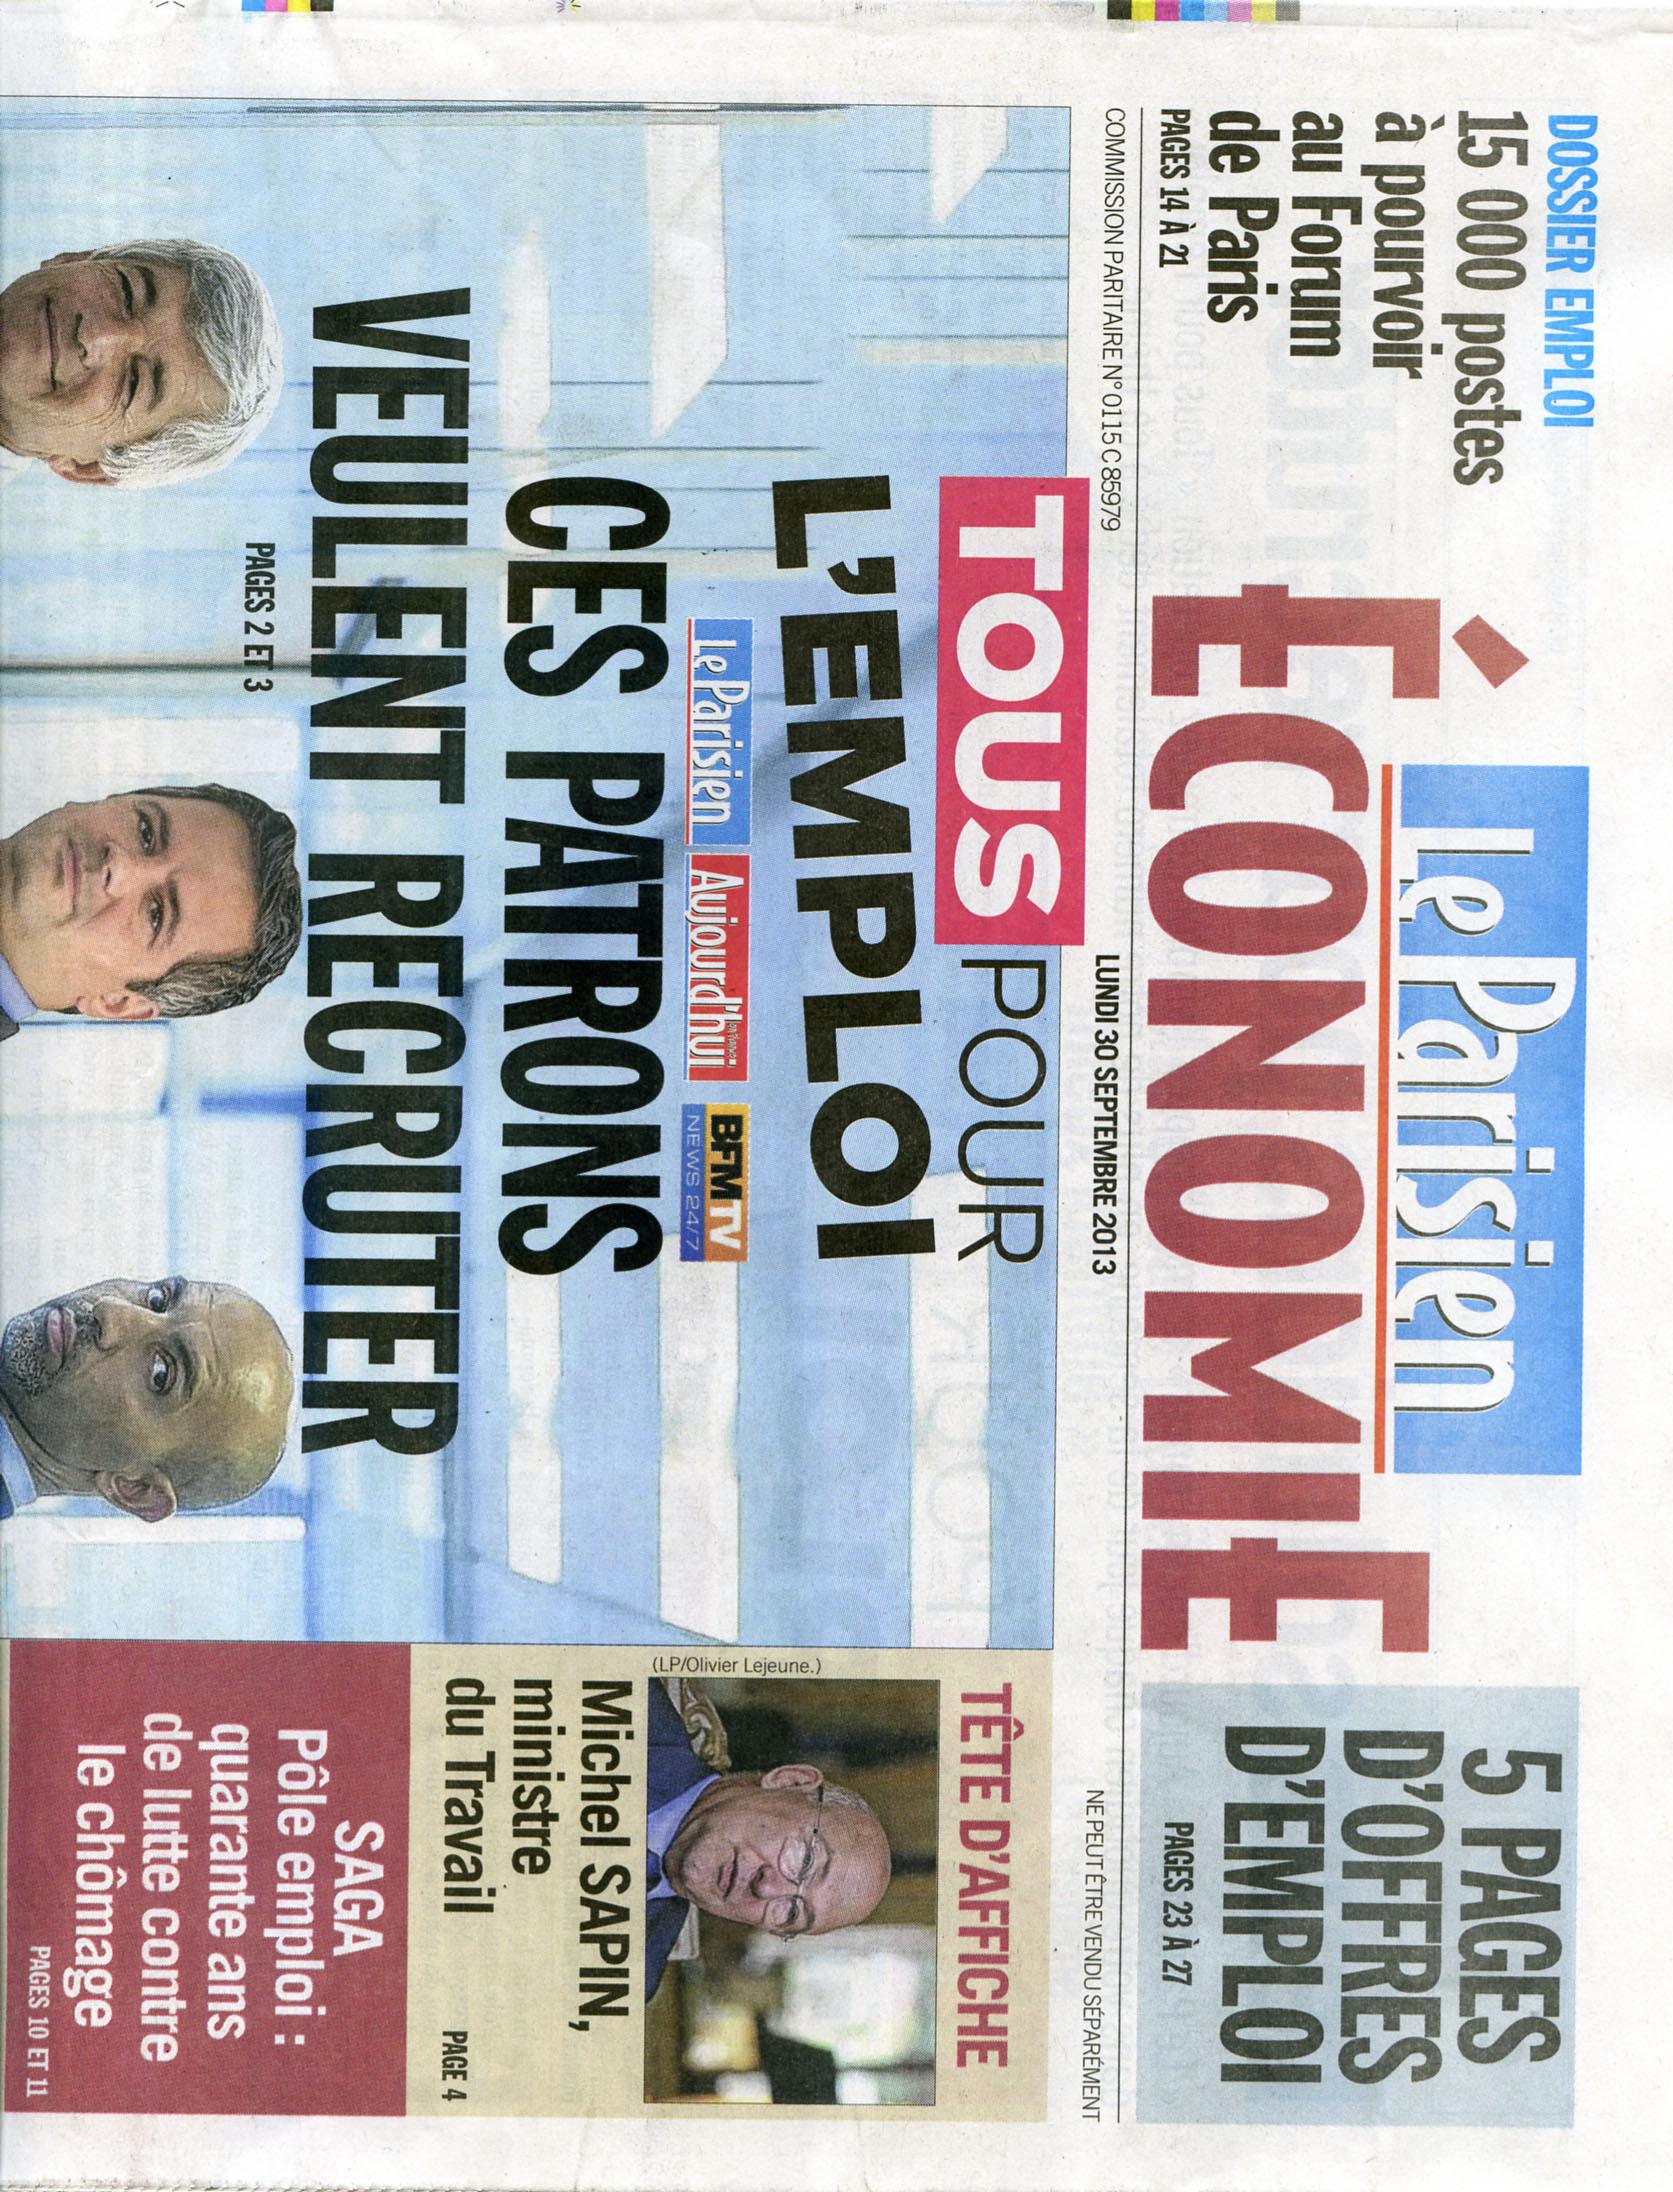 mpm-leparisien-cover-sept13